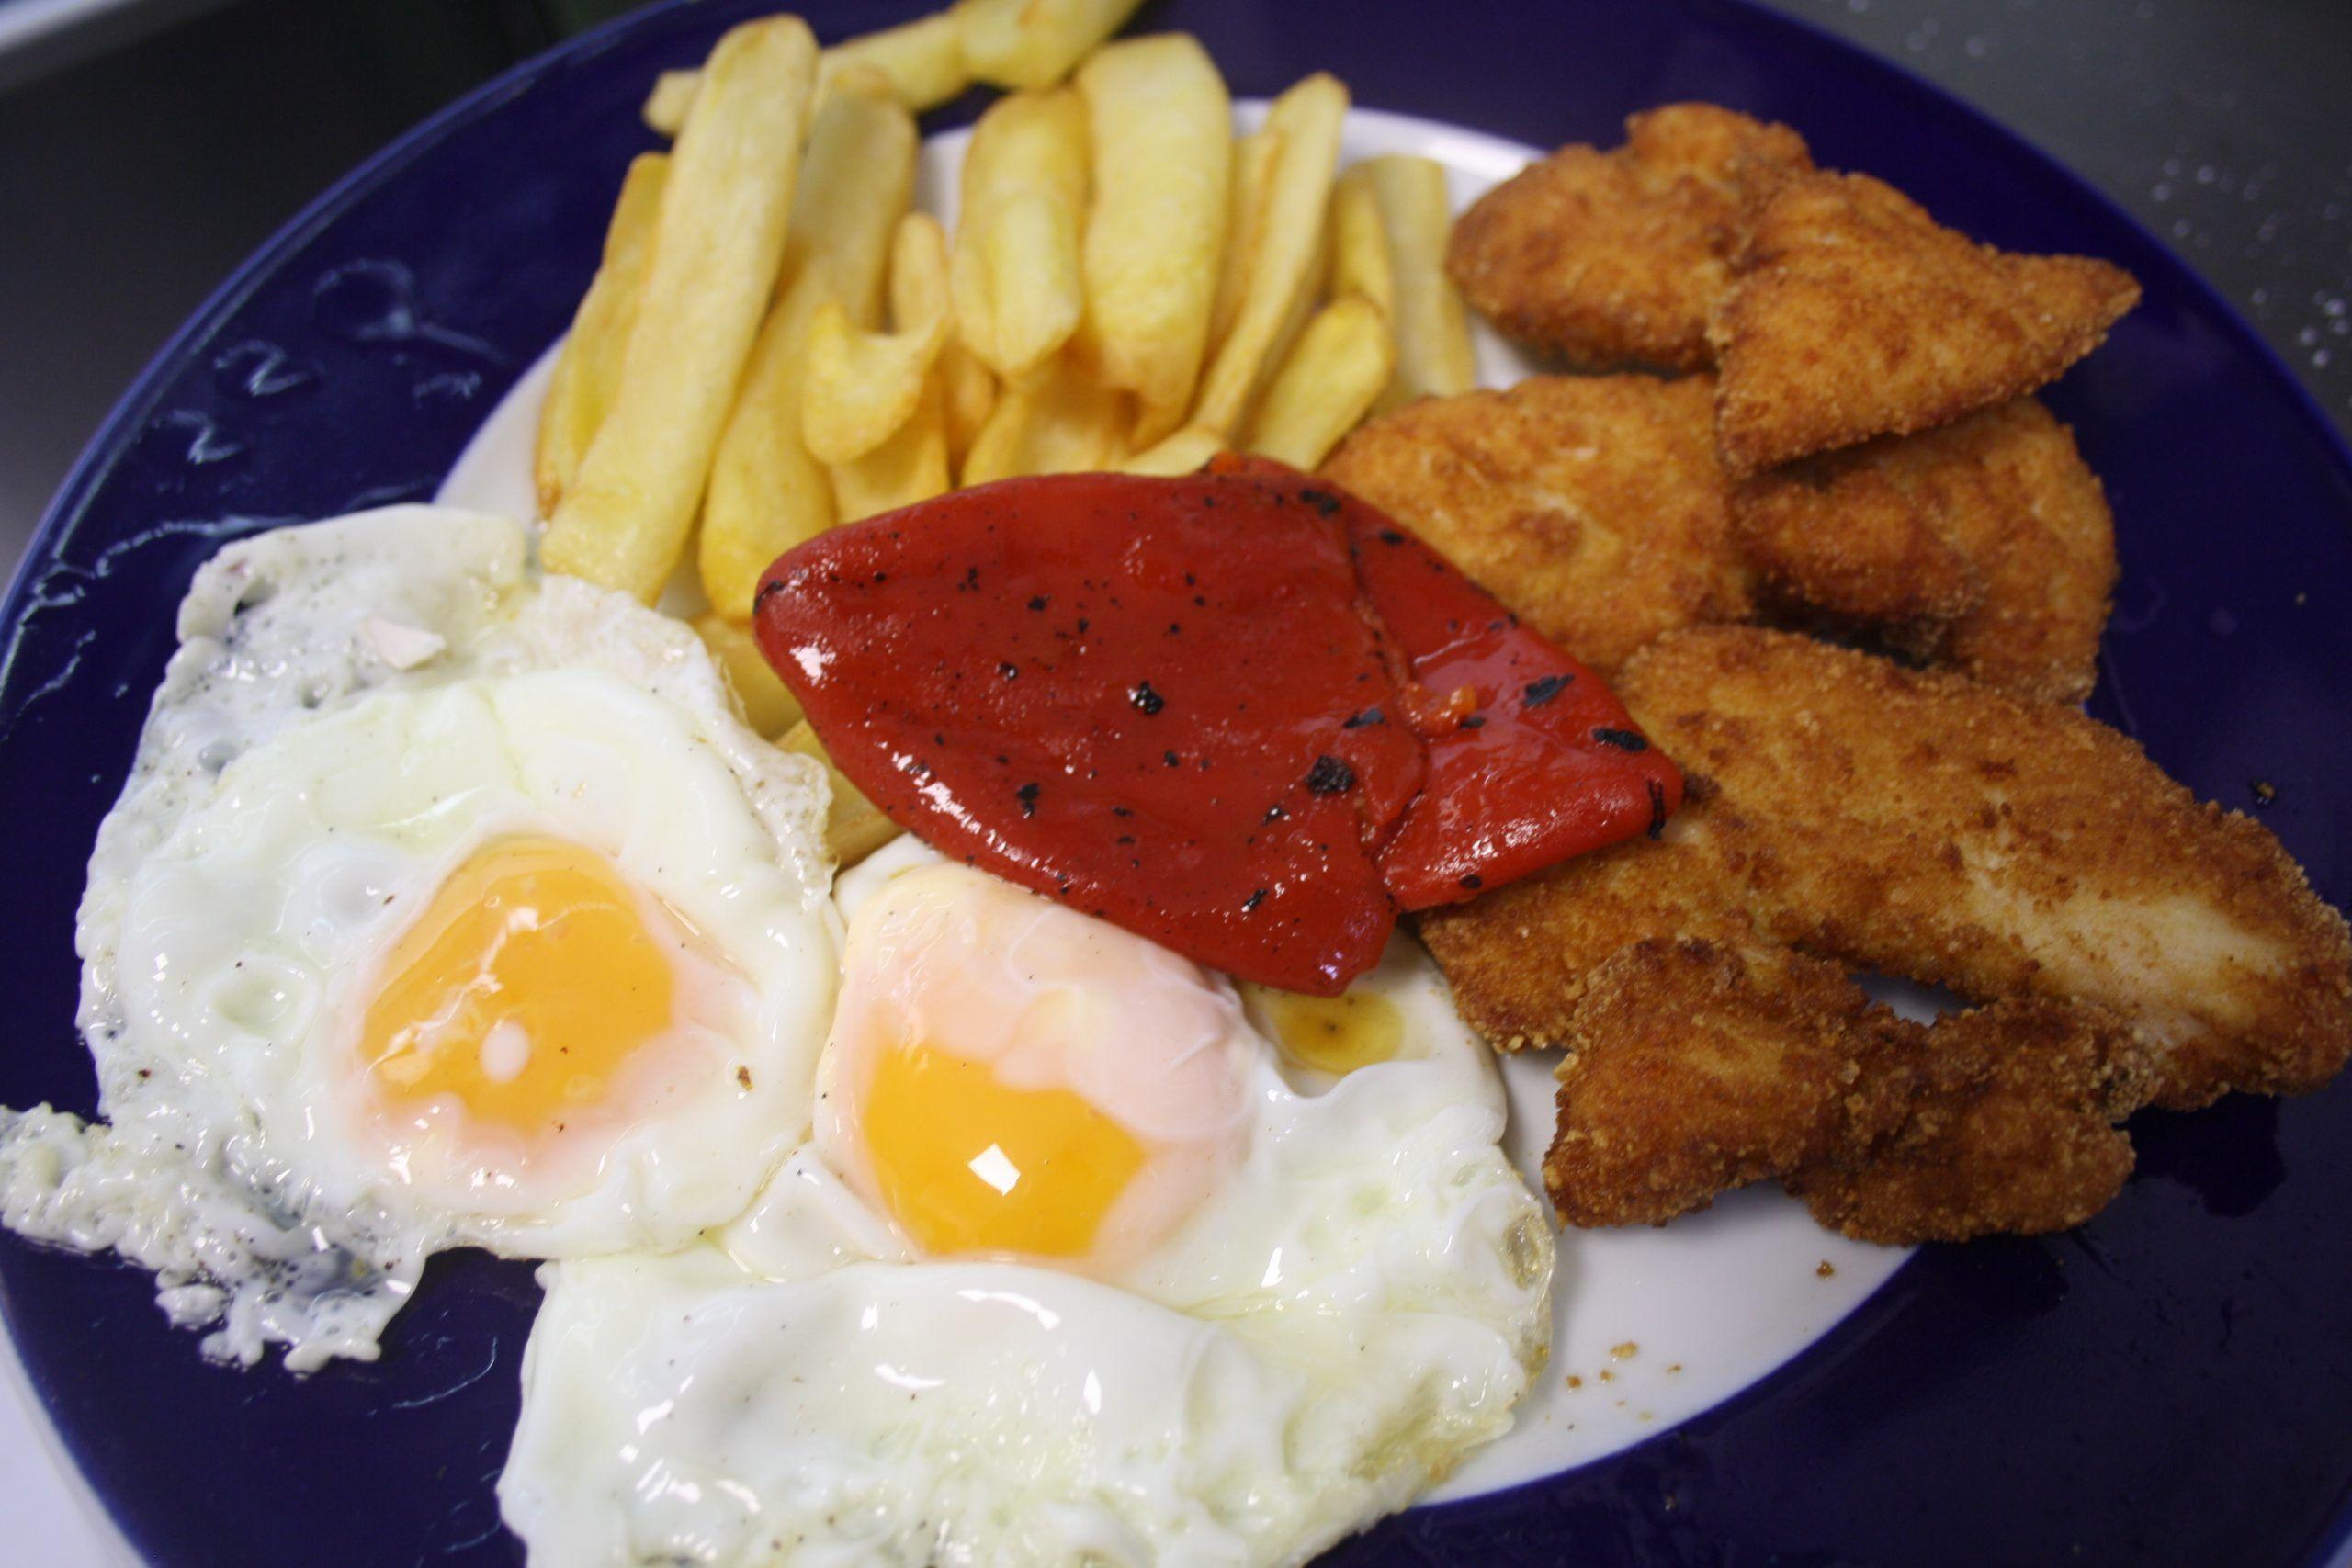 Tiras de pollo empanadas, huevos, piquillos y patatas